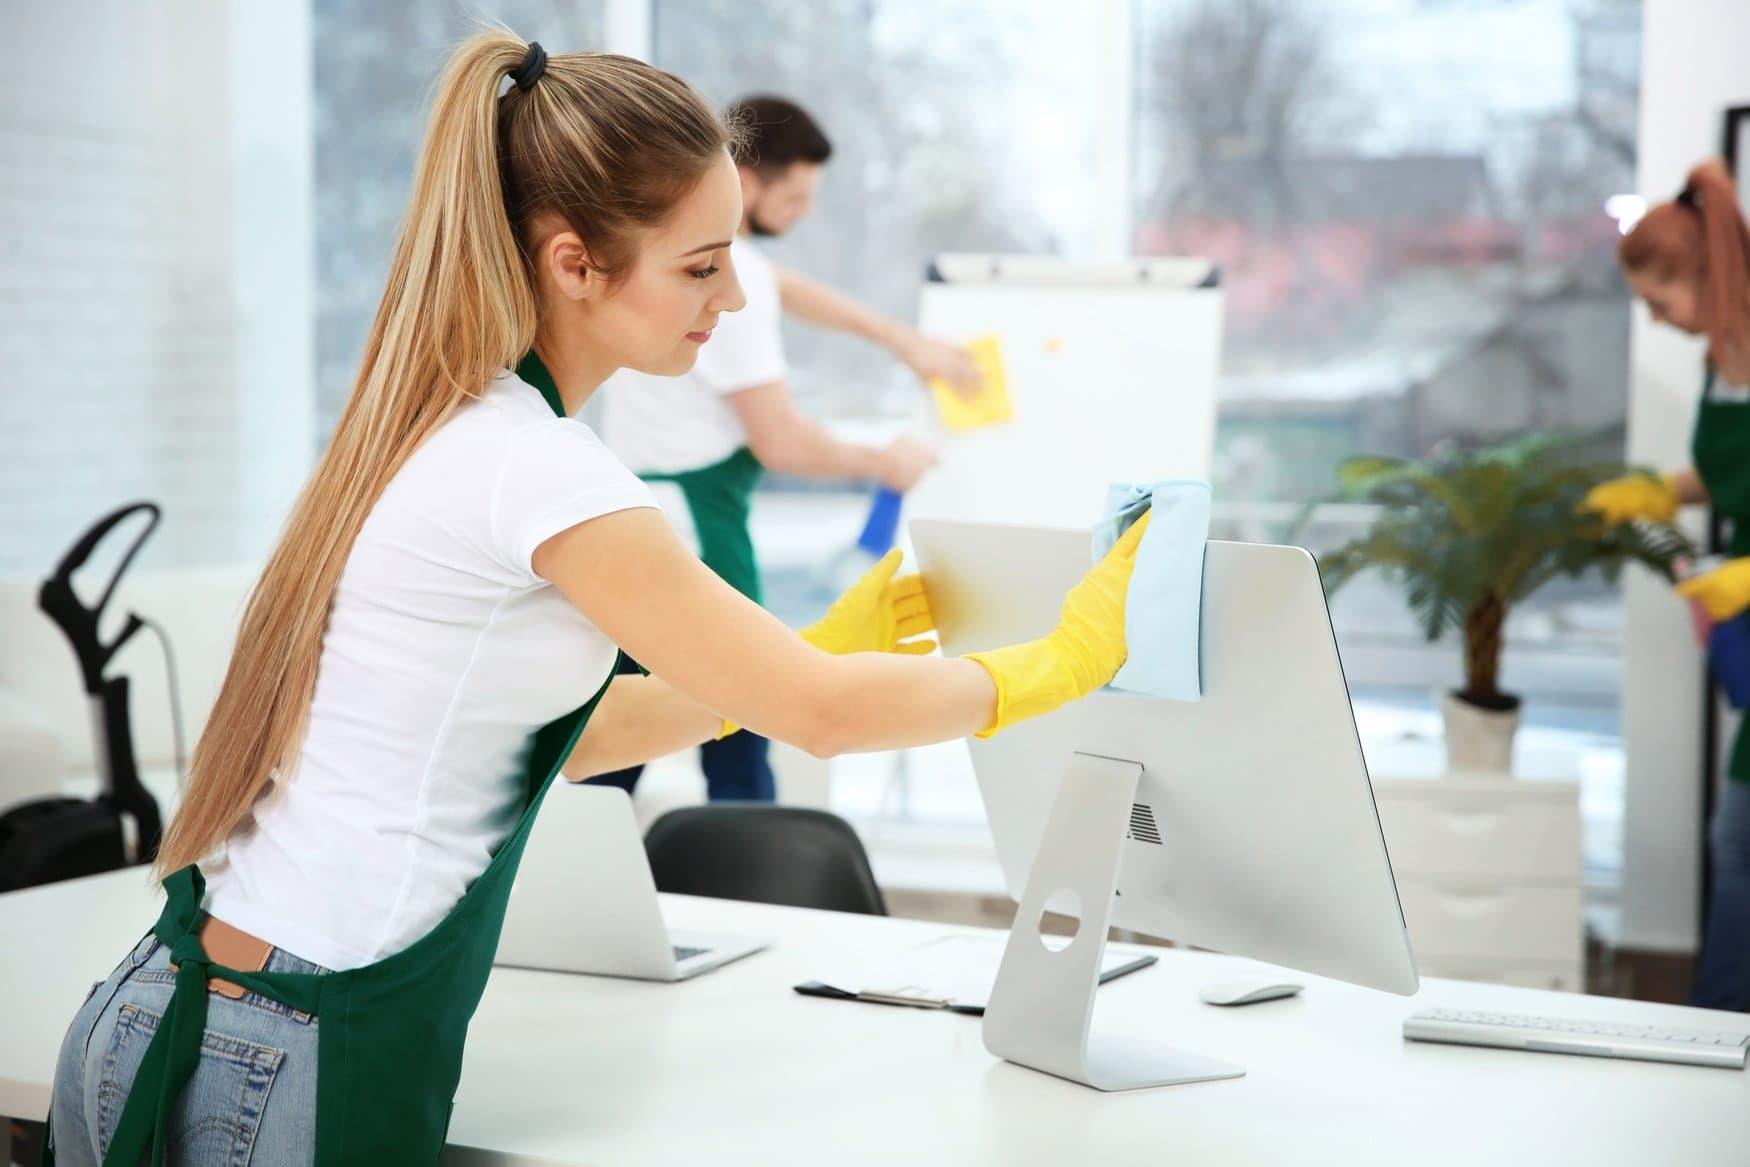 ofis elektronik eşya temizliği